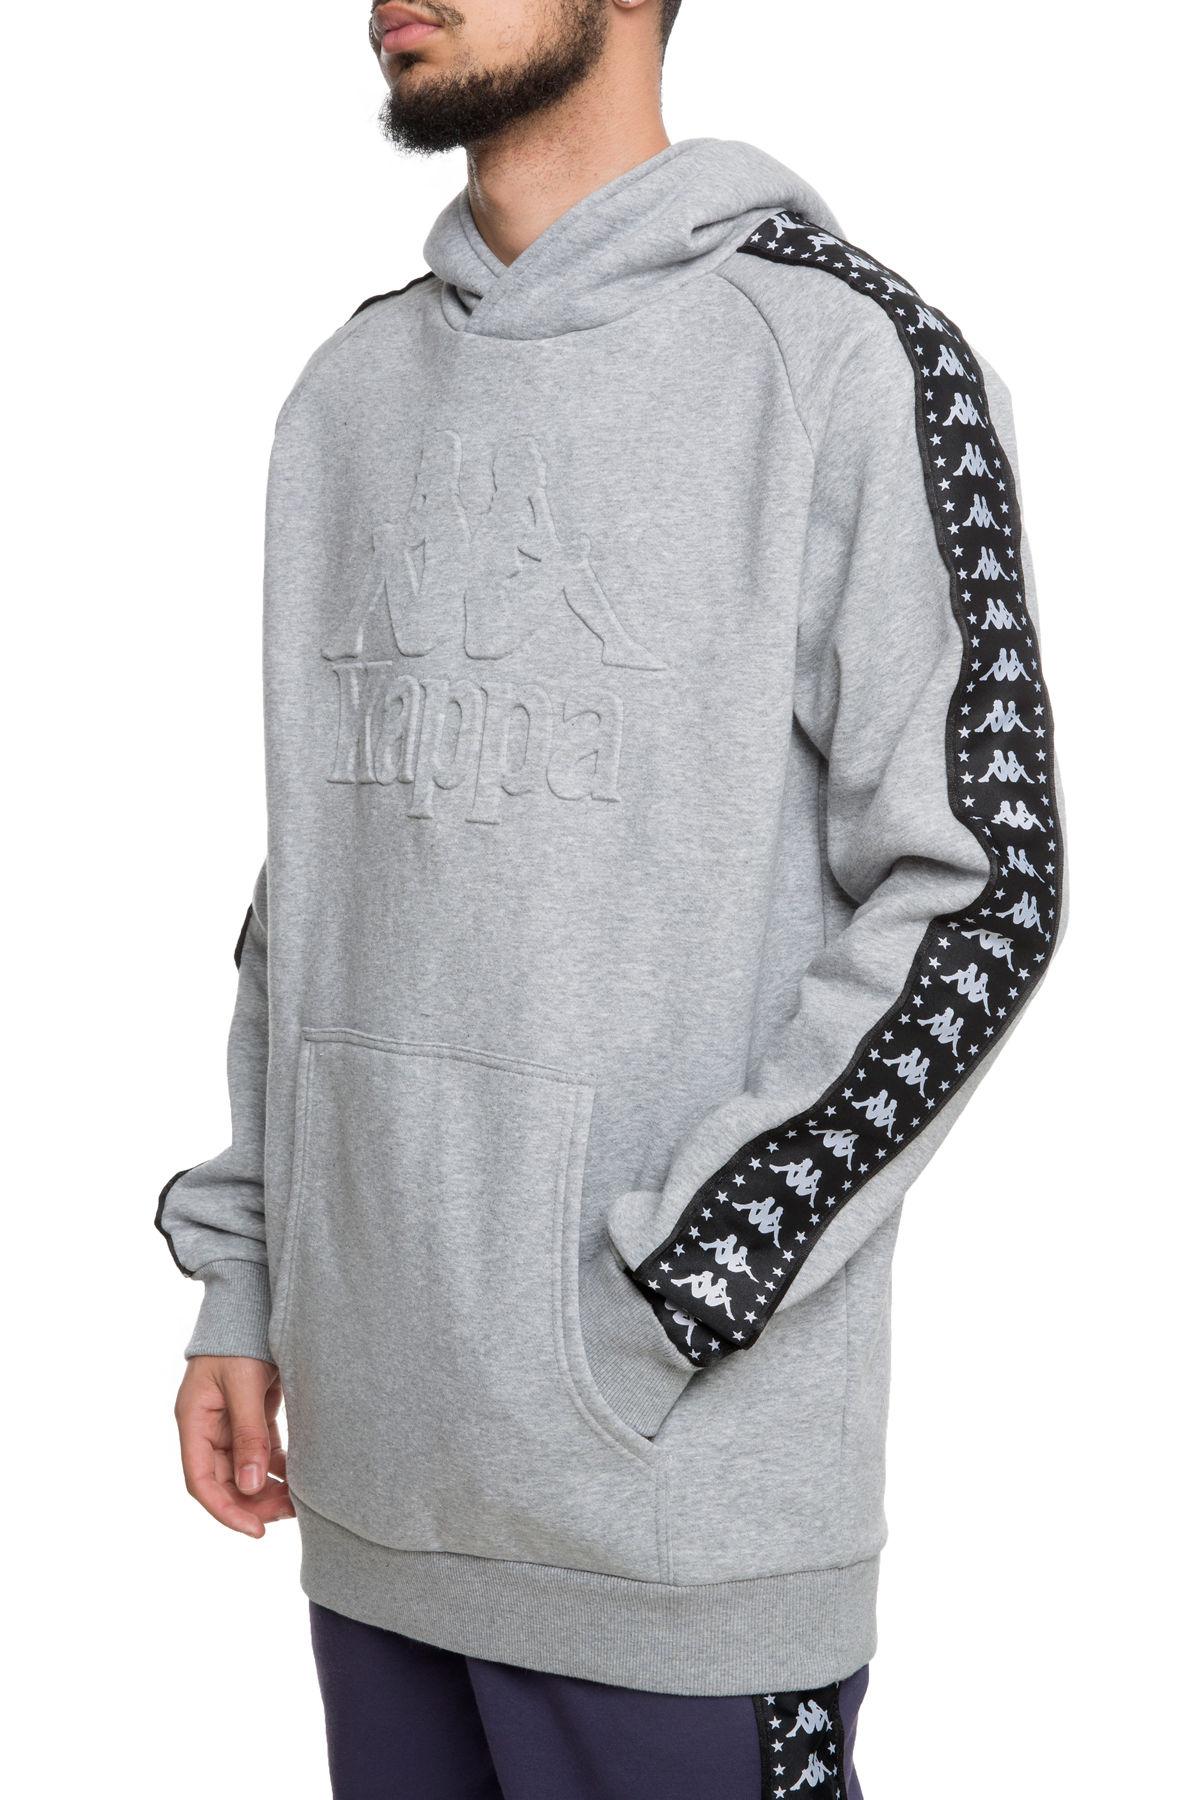 Kappa Men/'s Authentic Bzaleh Pullover Hoodie Grey// Black